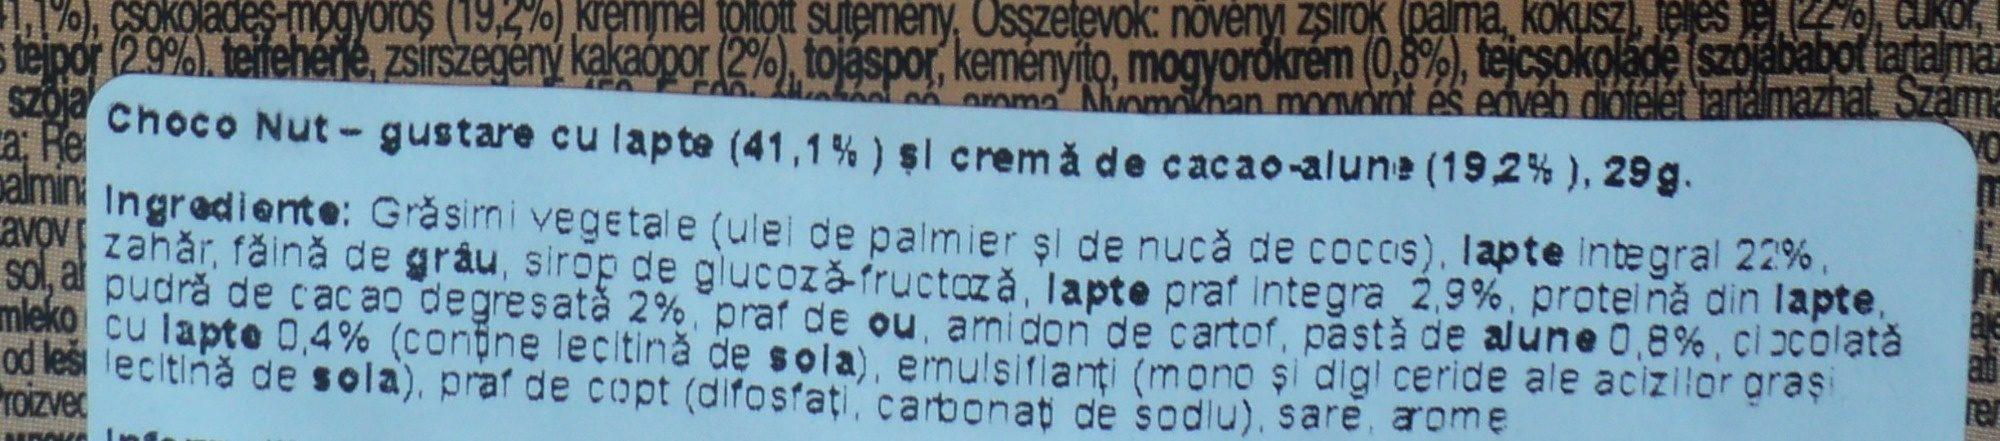 Choco Nut Snack cu lapte si crema de cacao-alune - Ingrédients